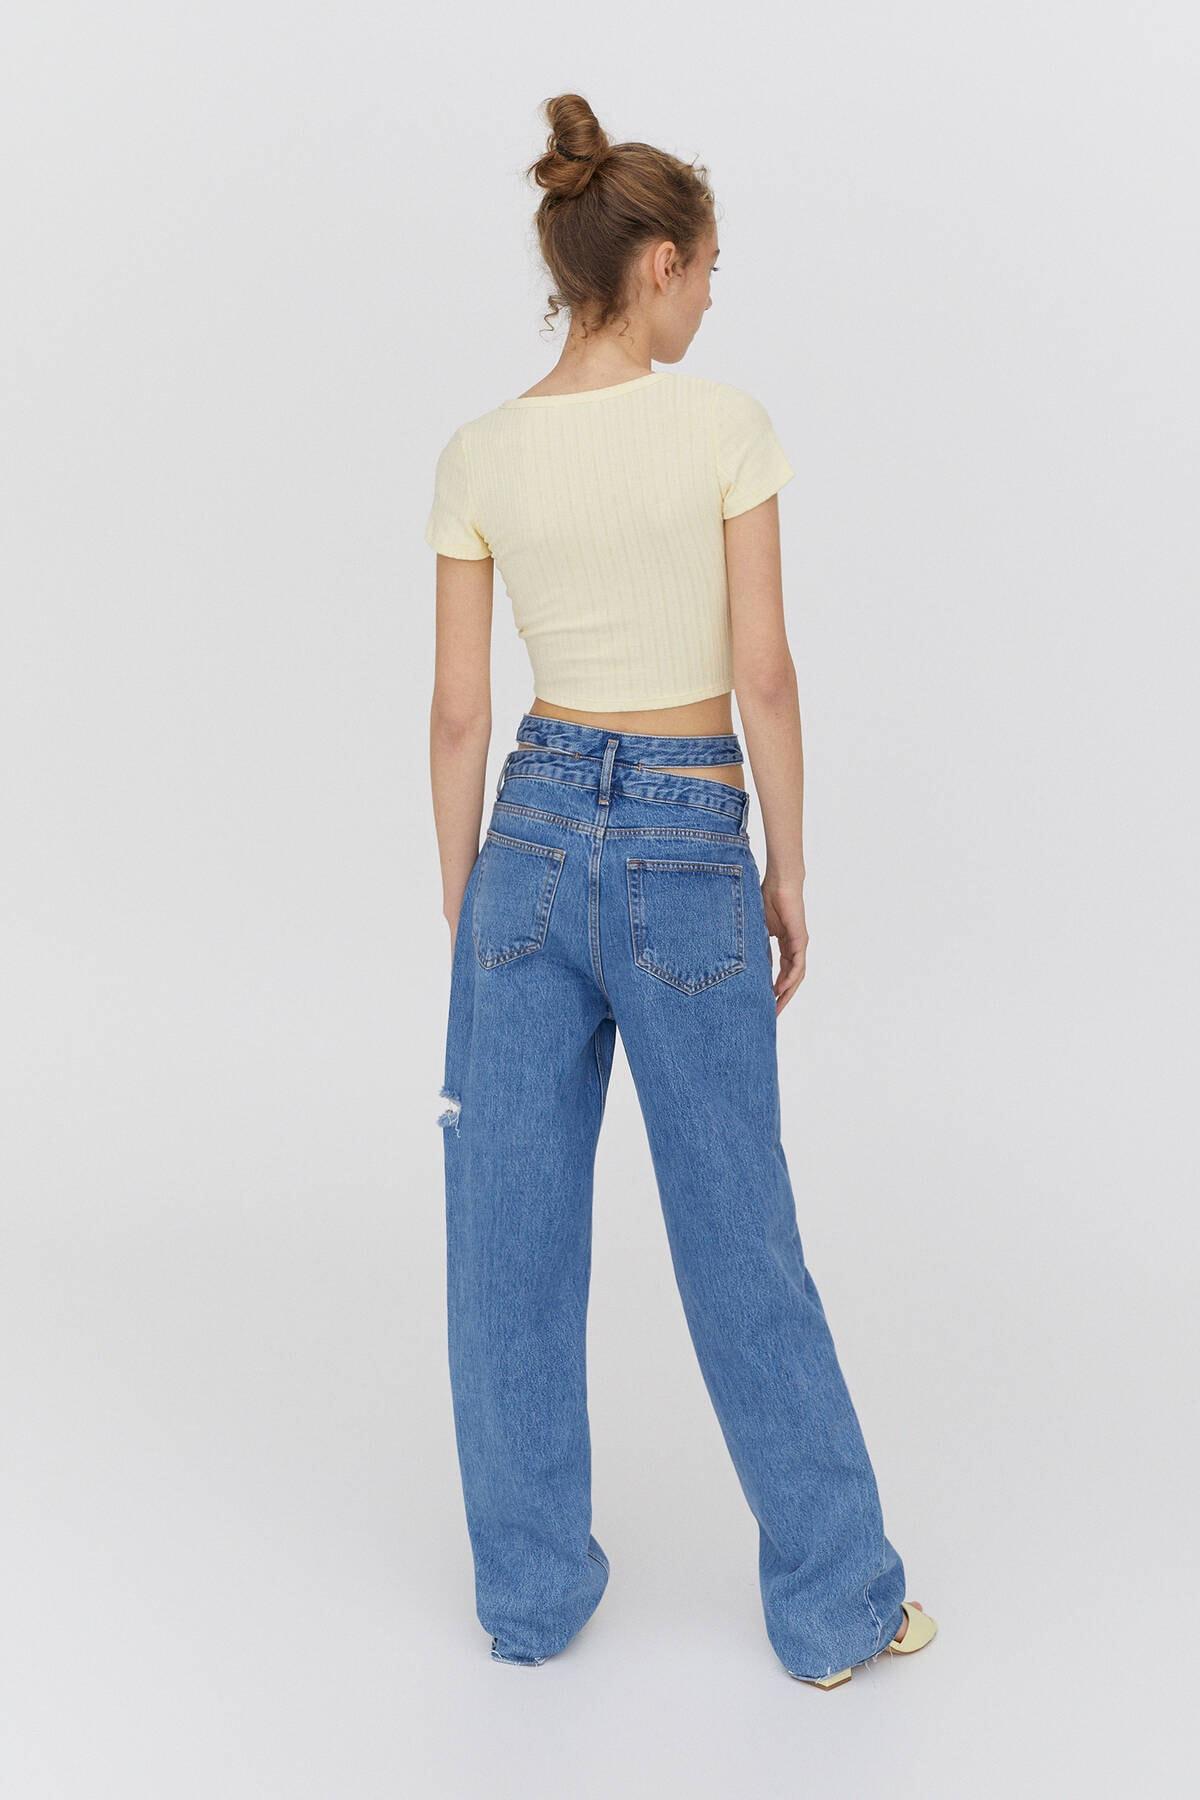 Pull & Bear Kadın Sarı Açıklık Detaylı Yakalı T-Shirt 2